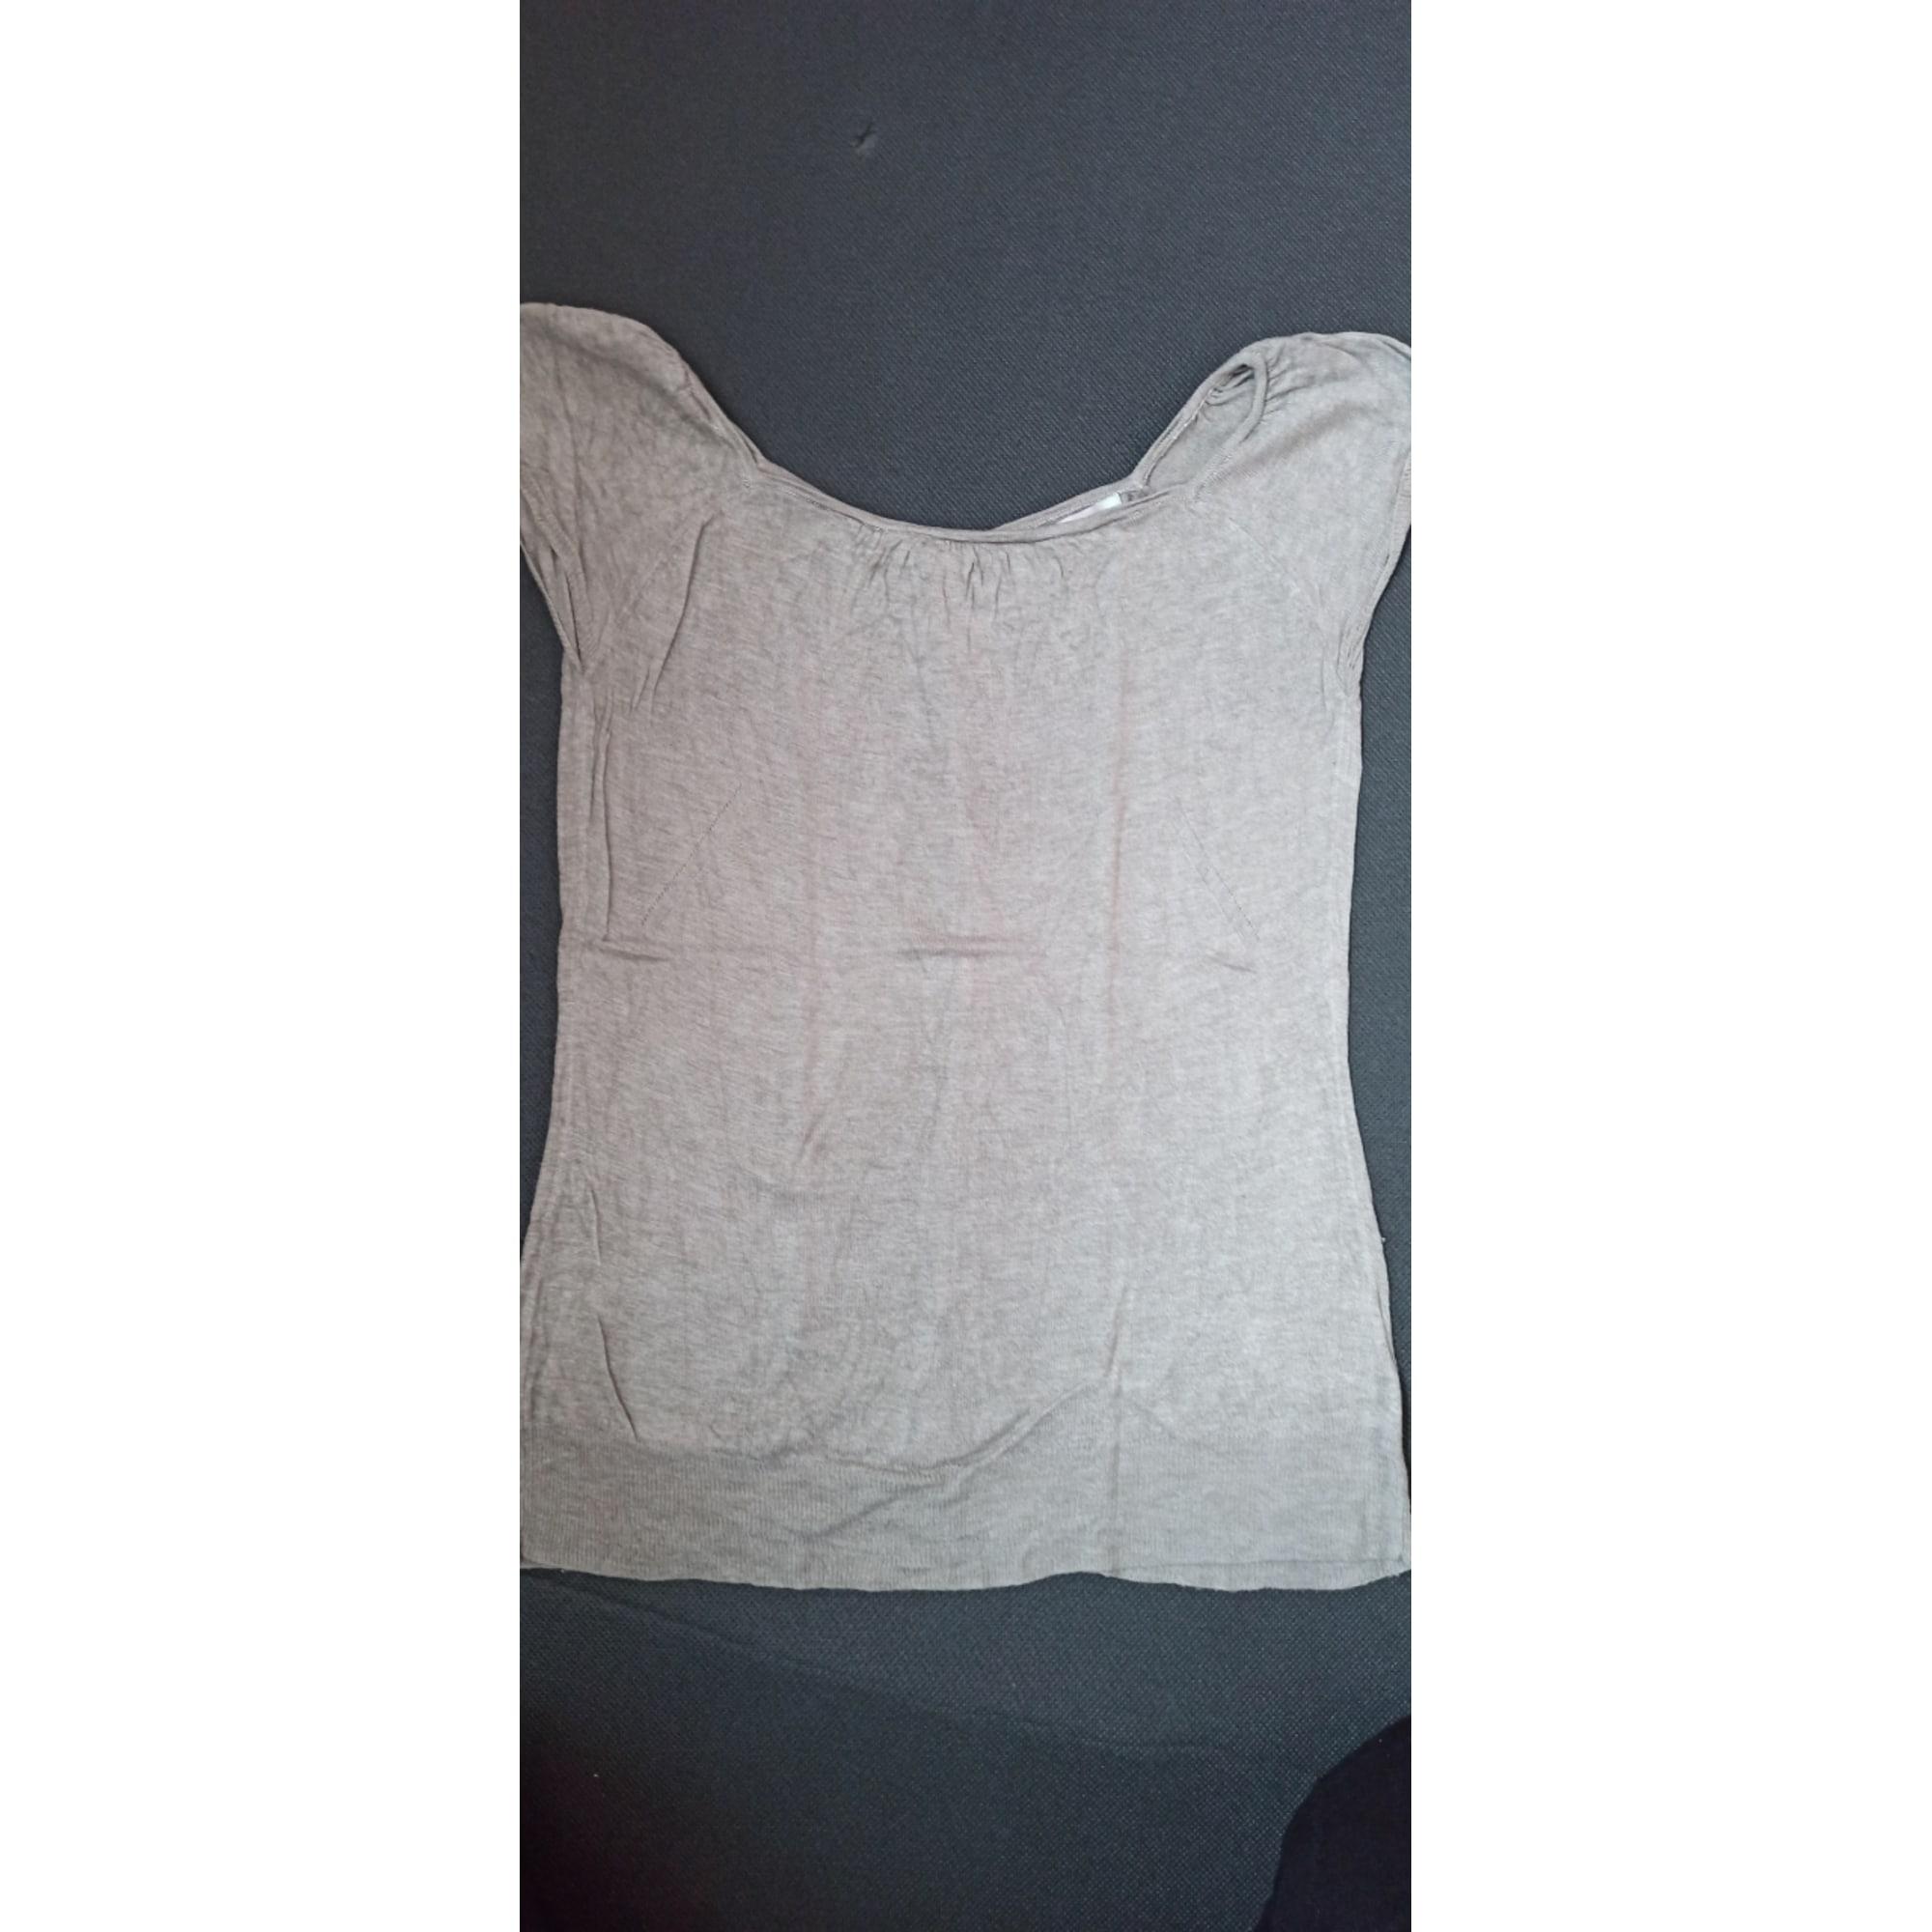 Top, tee-shirt BERENICE Doré, bronze, cuivre